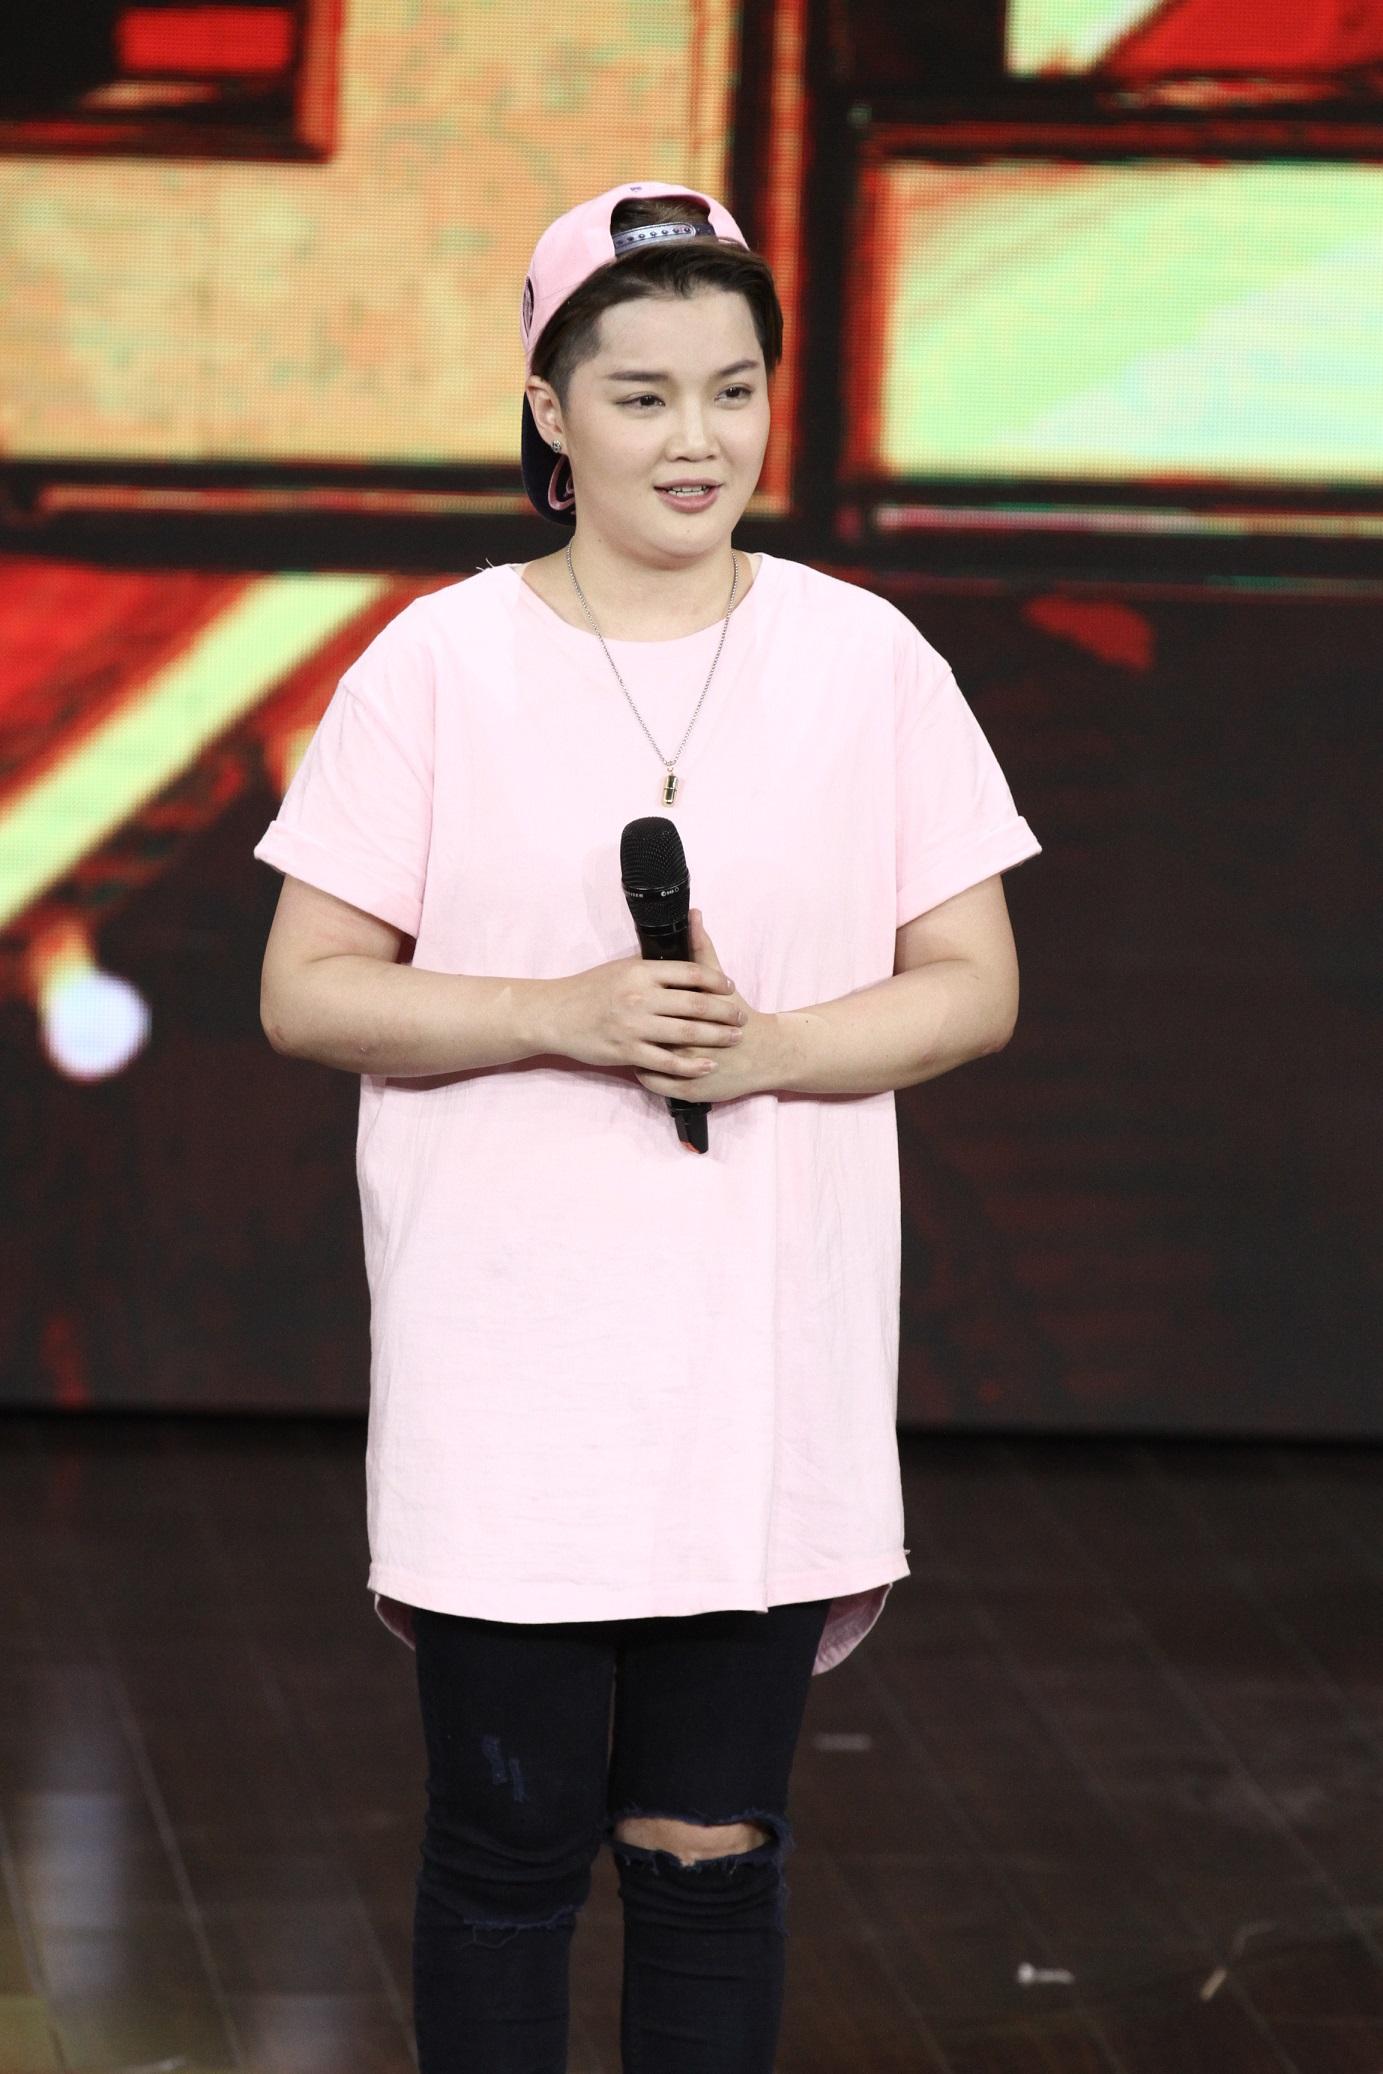 中国好声音选手上《喜剧狂》遭打脸 曾入那英战队